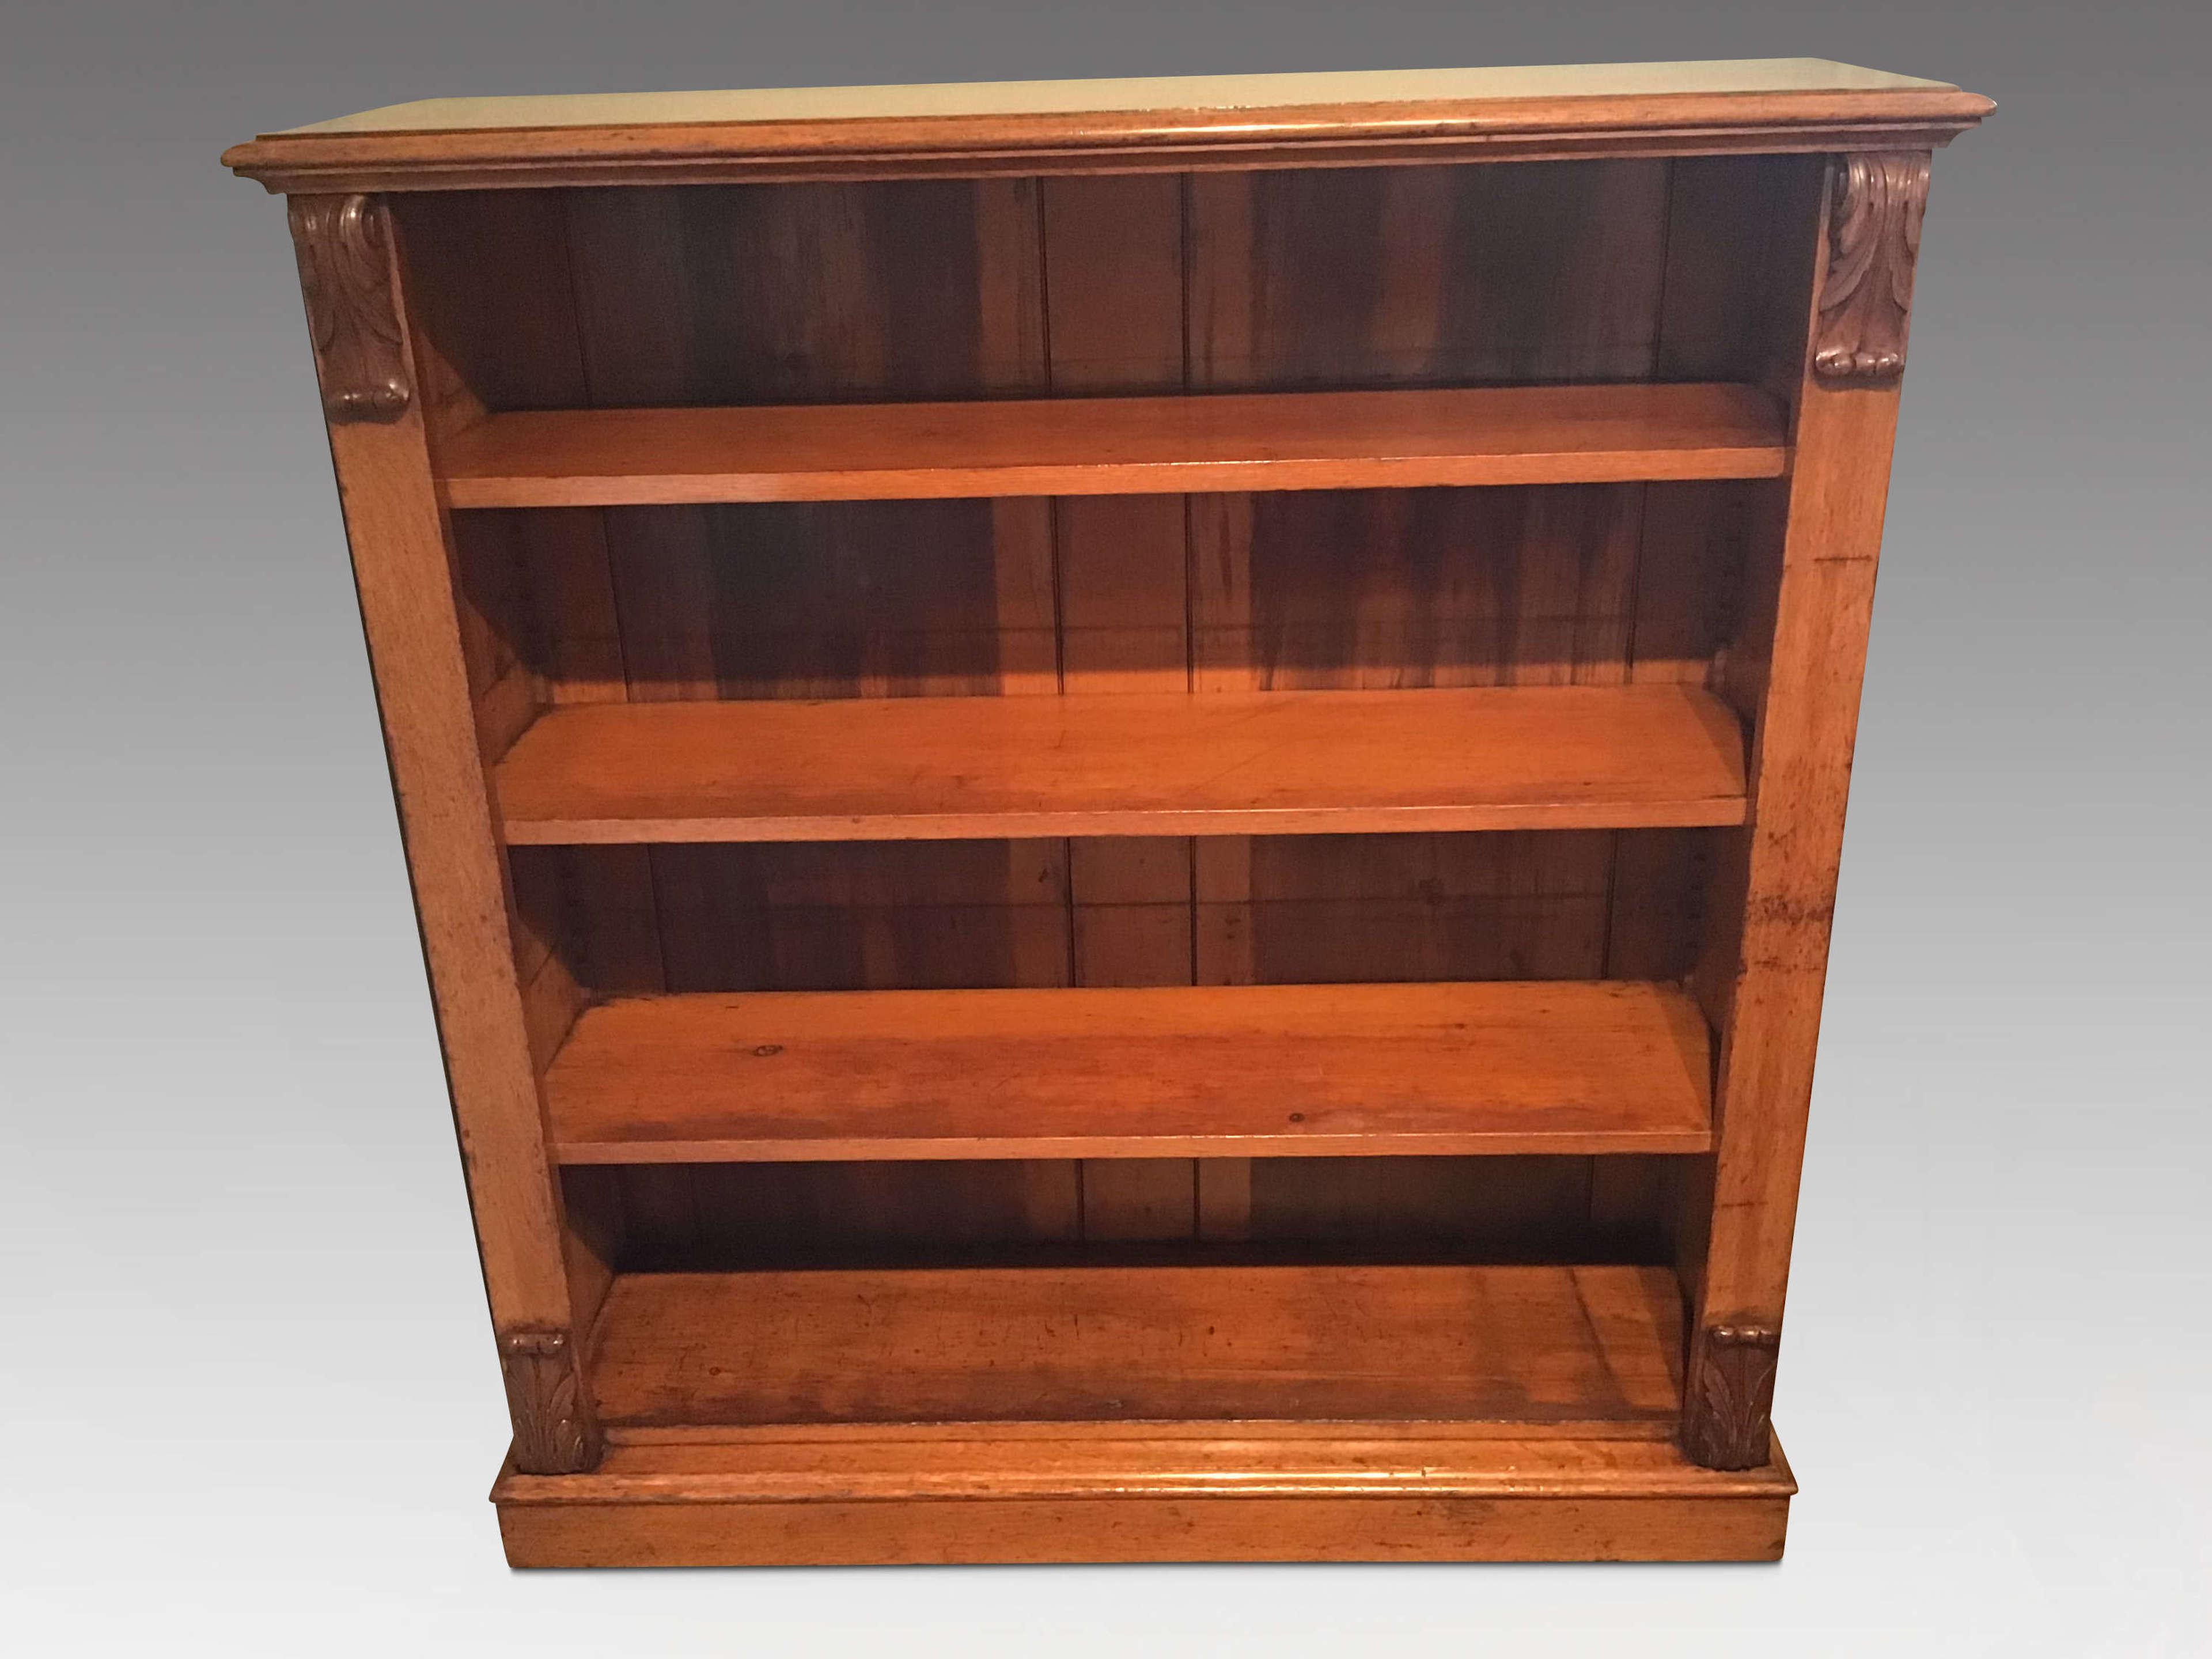 Antique open bookcase